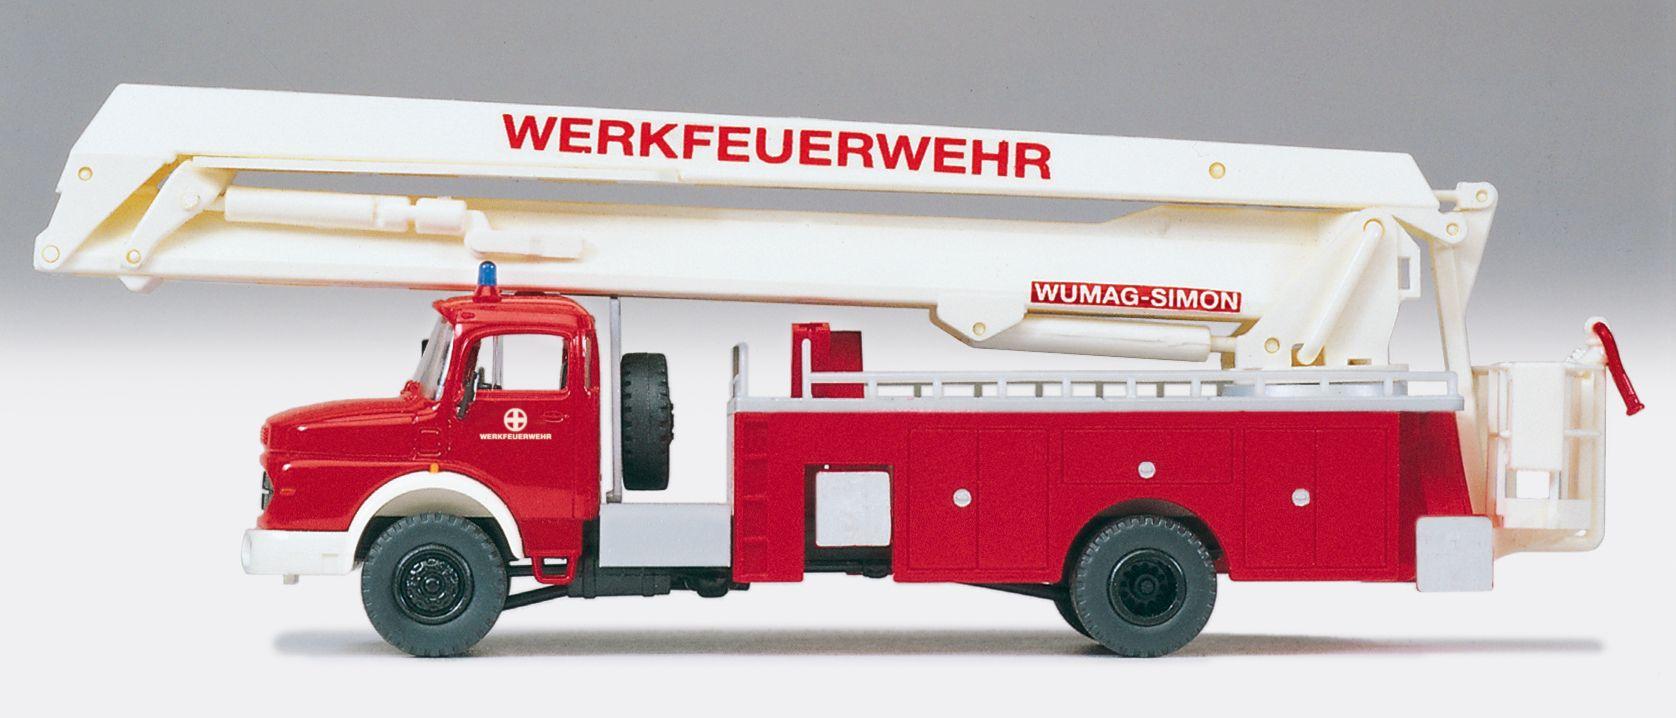 1:87 Feuerwehr Gelenkbühne MB LA 1924, WUMAG-SIMON, Bausatz - Preiser 31180  | günstig bestellen bei Modelleisenbahn Center  MCS Vertriebs GmbH